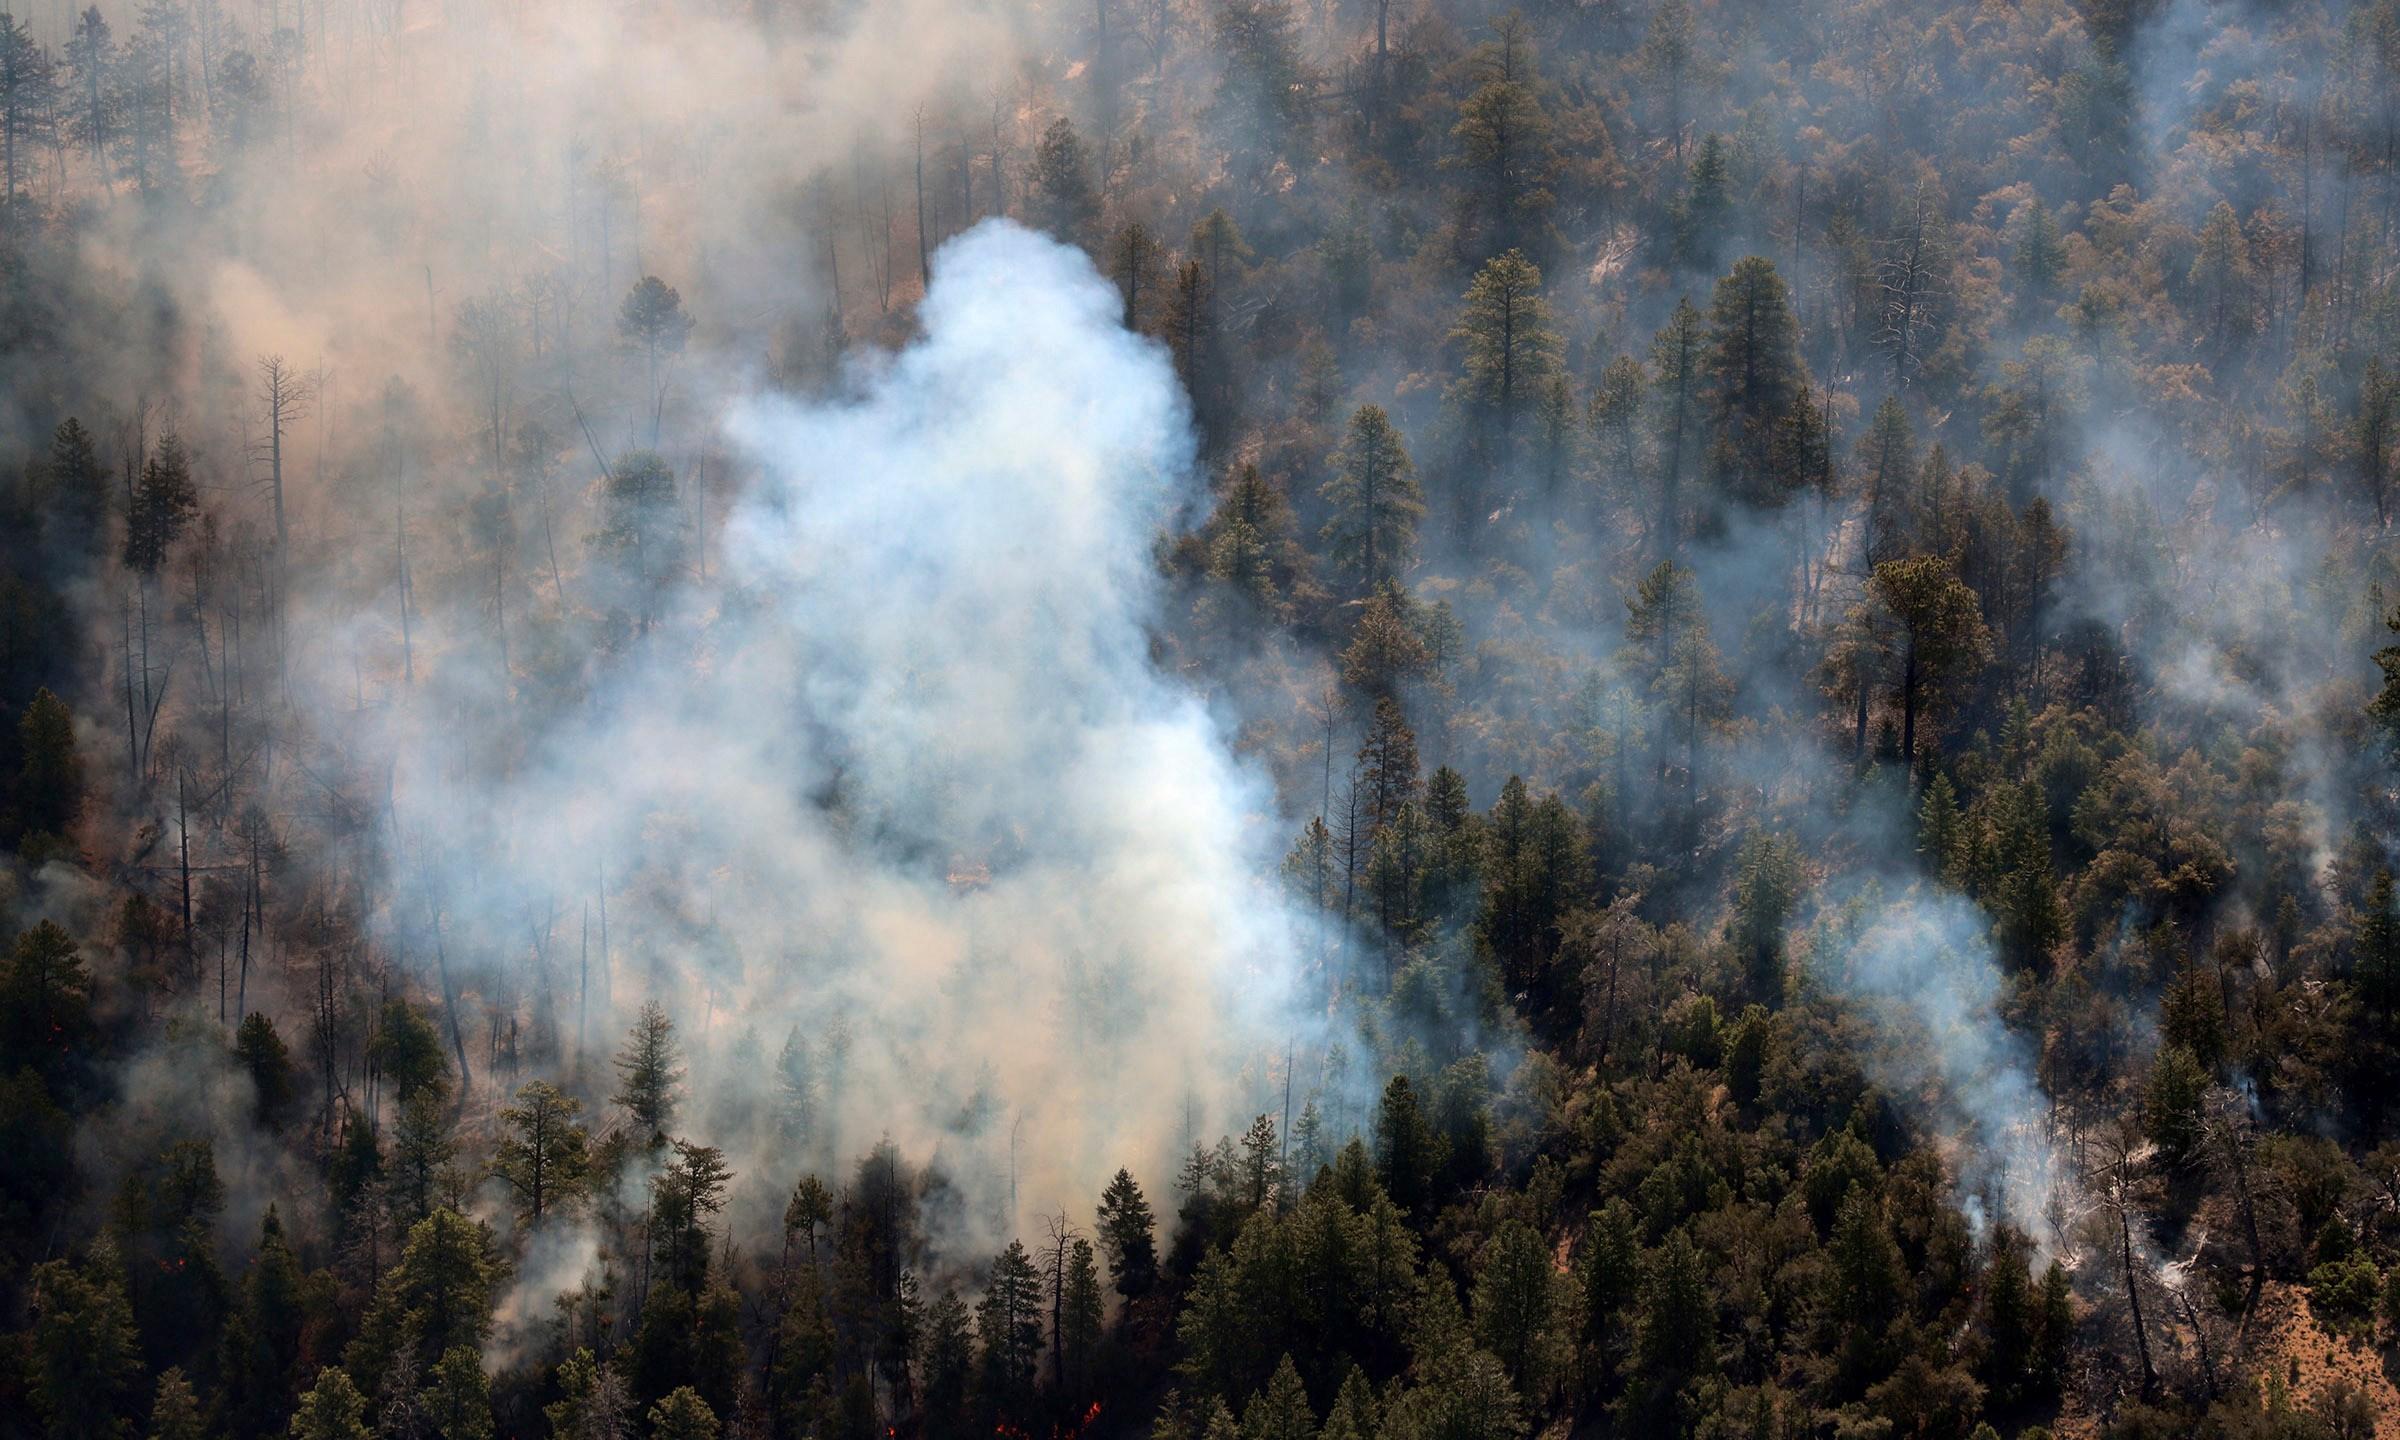 Utah_Wildfires_77548-159532.jpg93476756